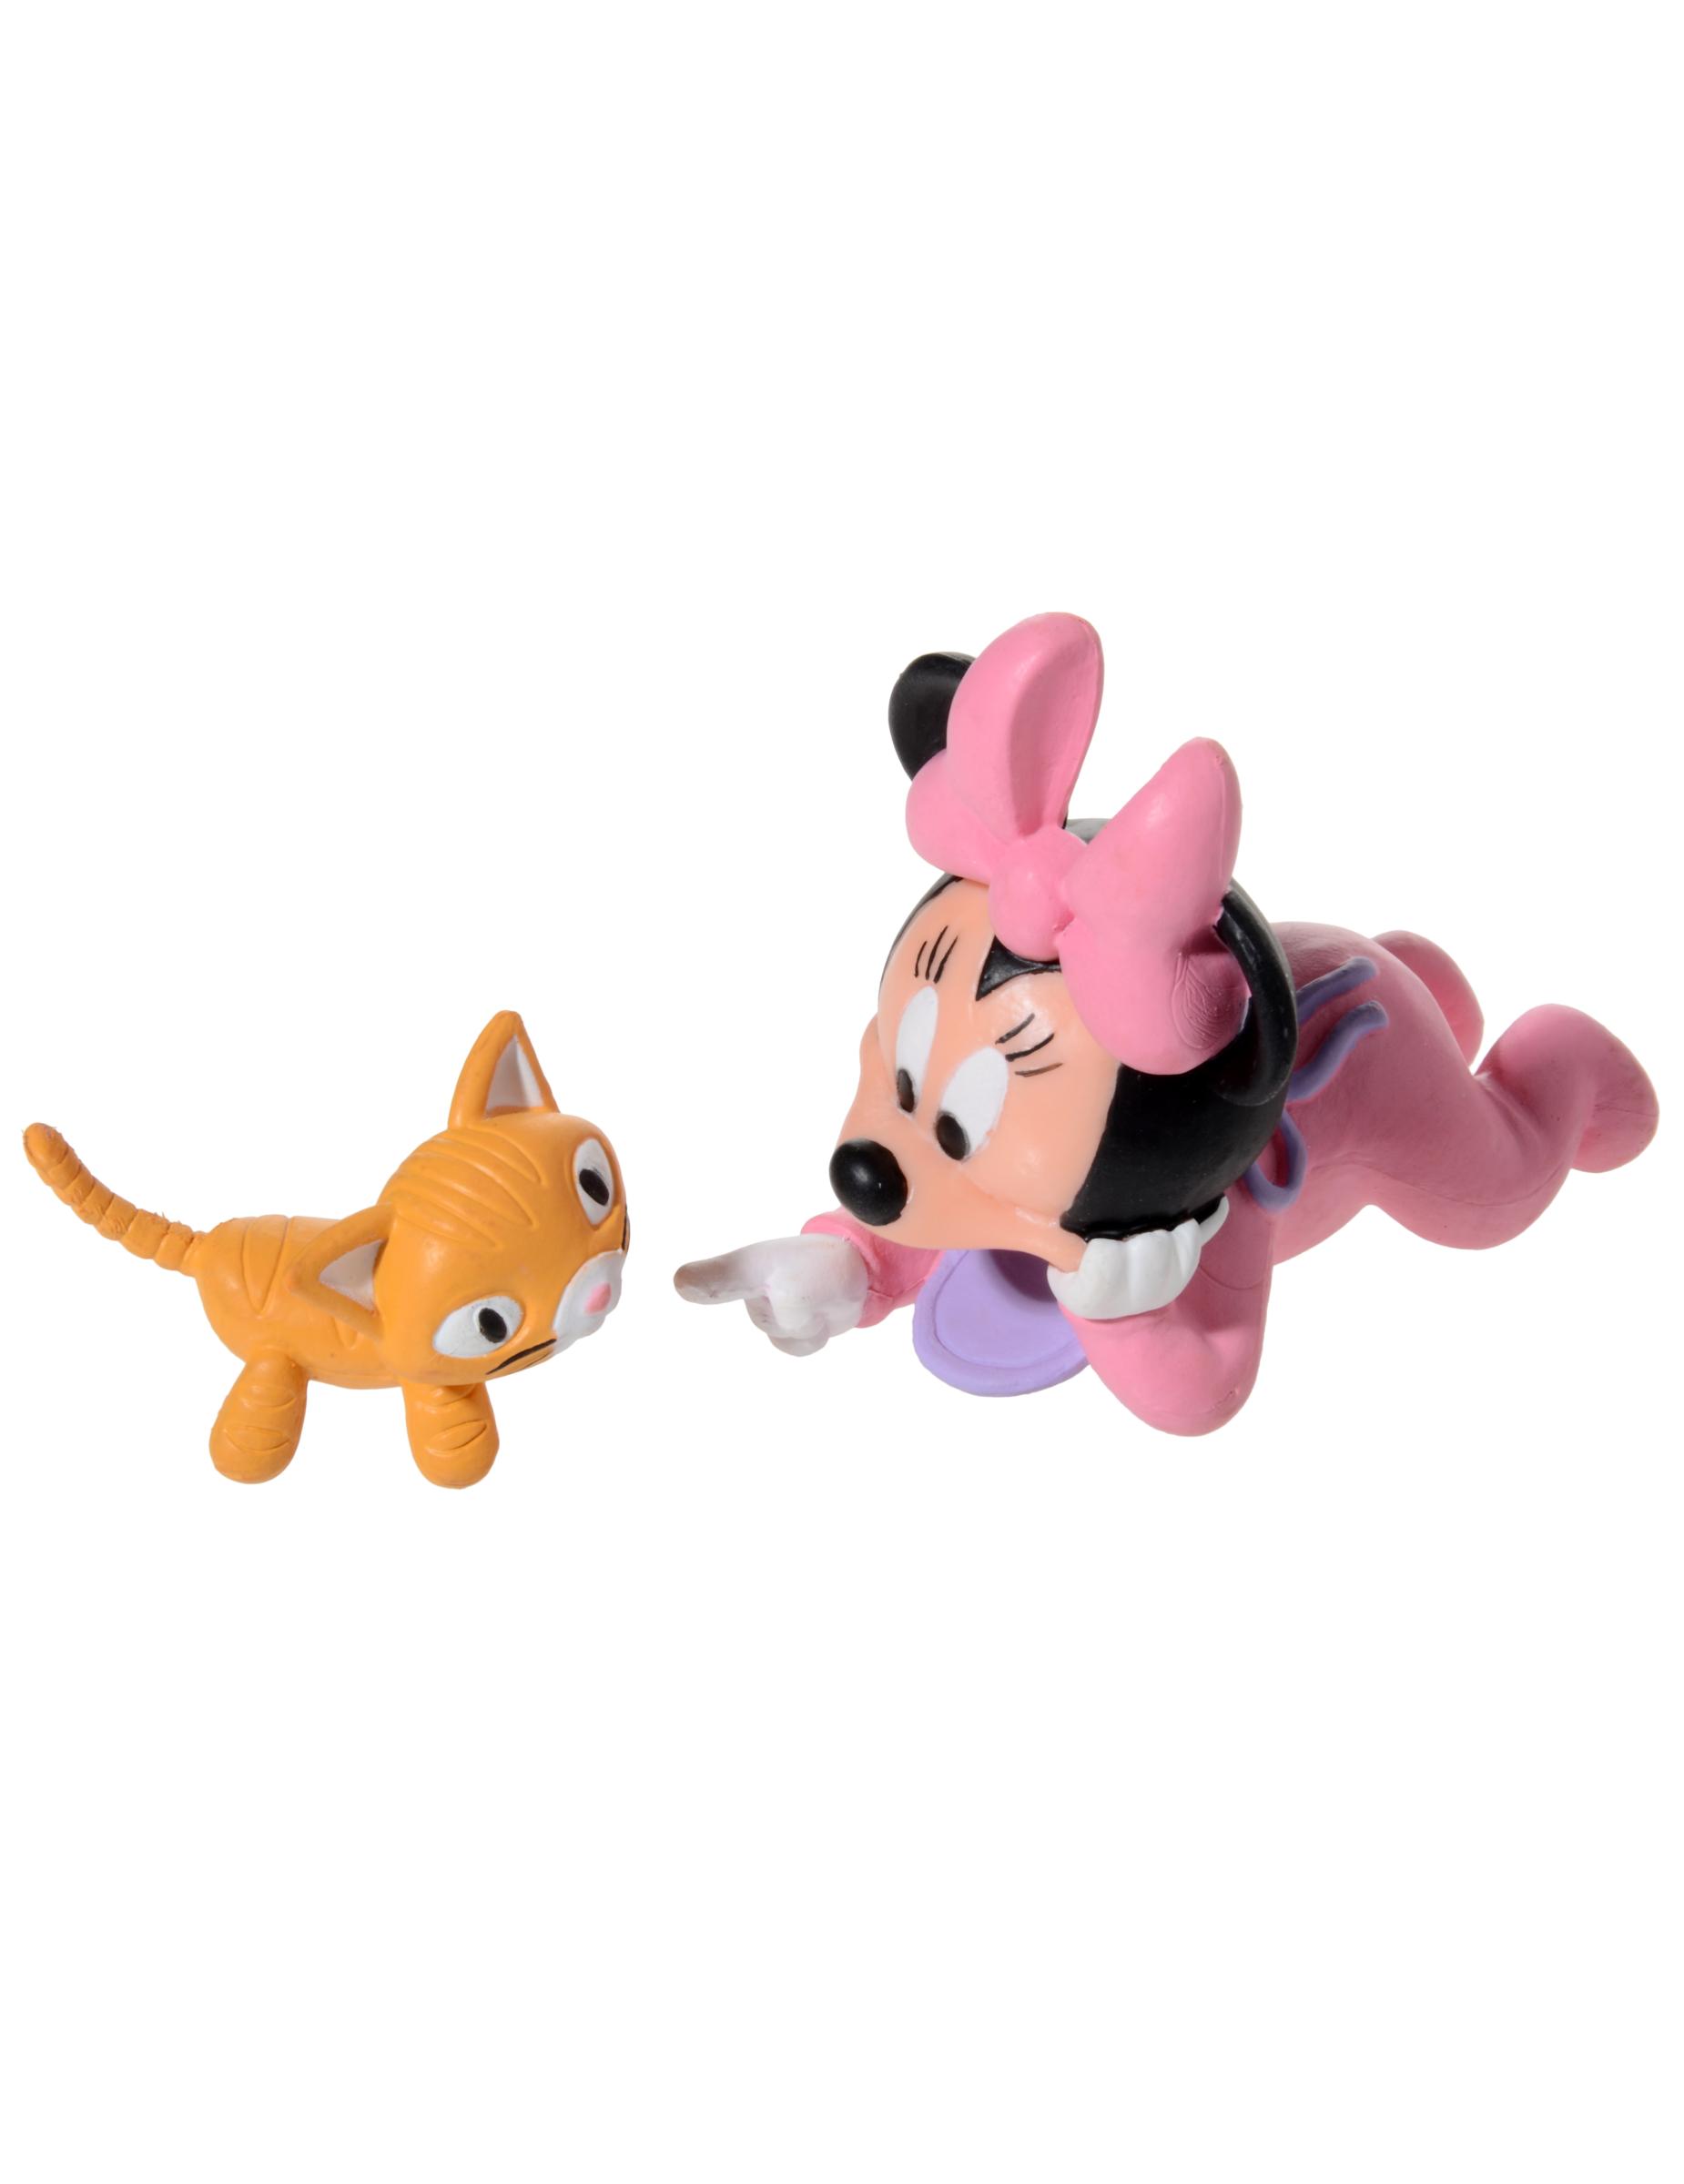 Wonderbaar Taart decoratie set baby Minnie Mouse™: Decoratie,en goedkope FT-73